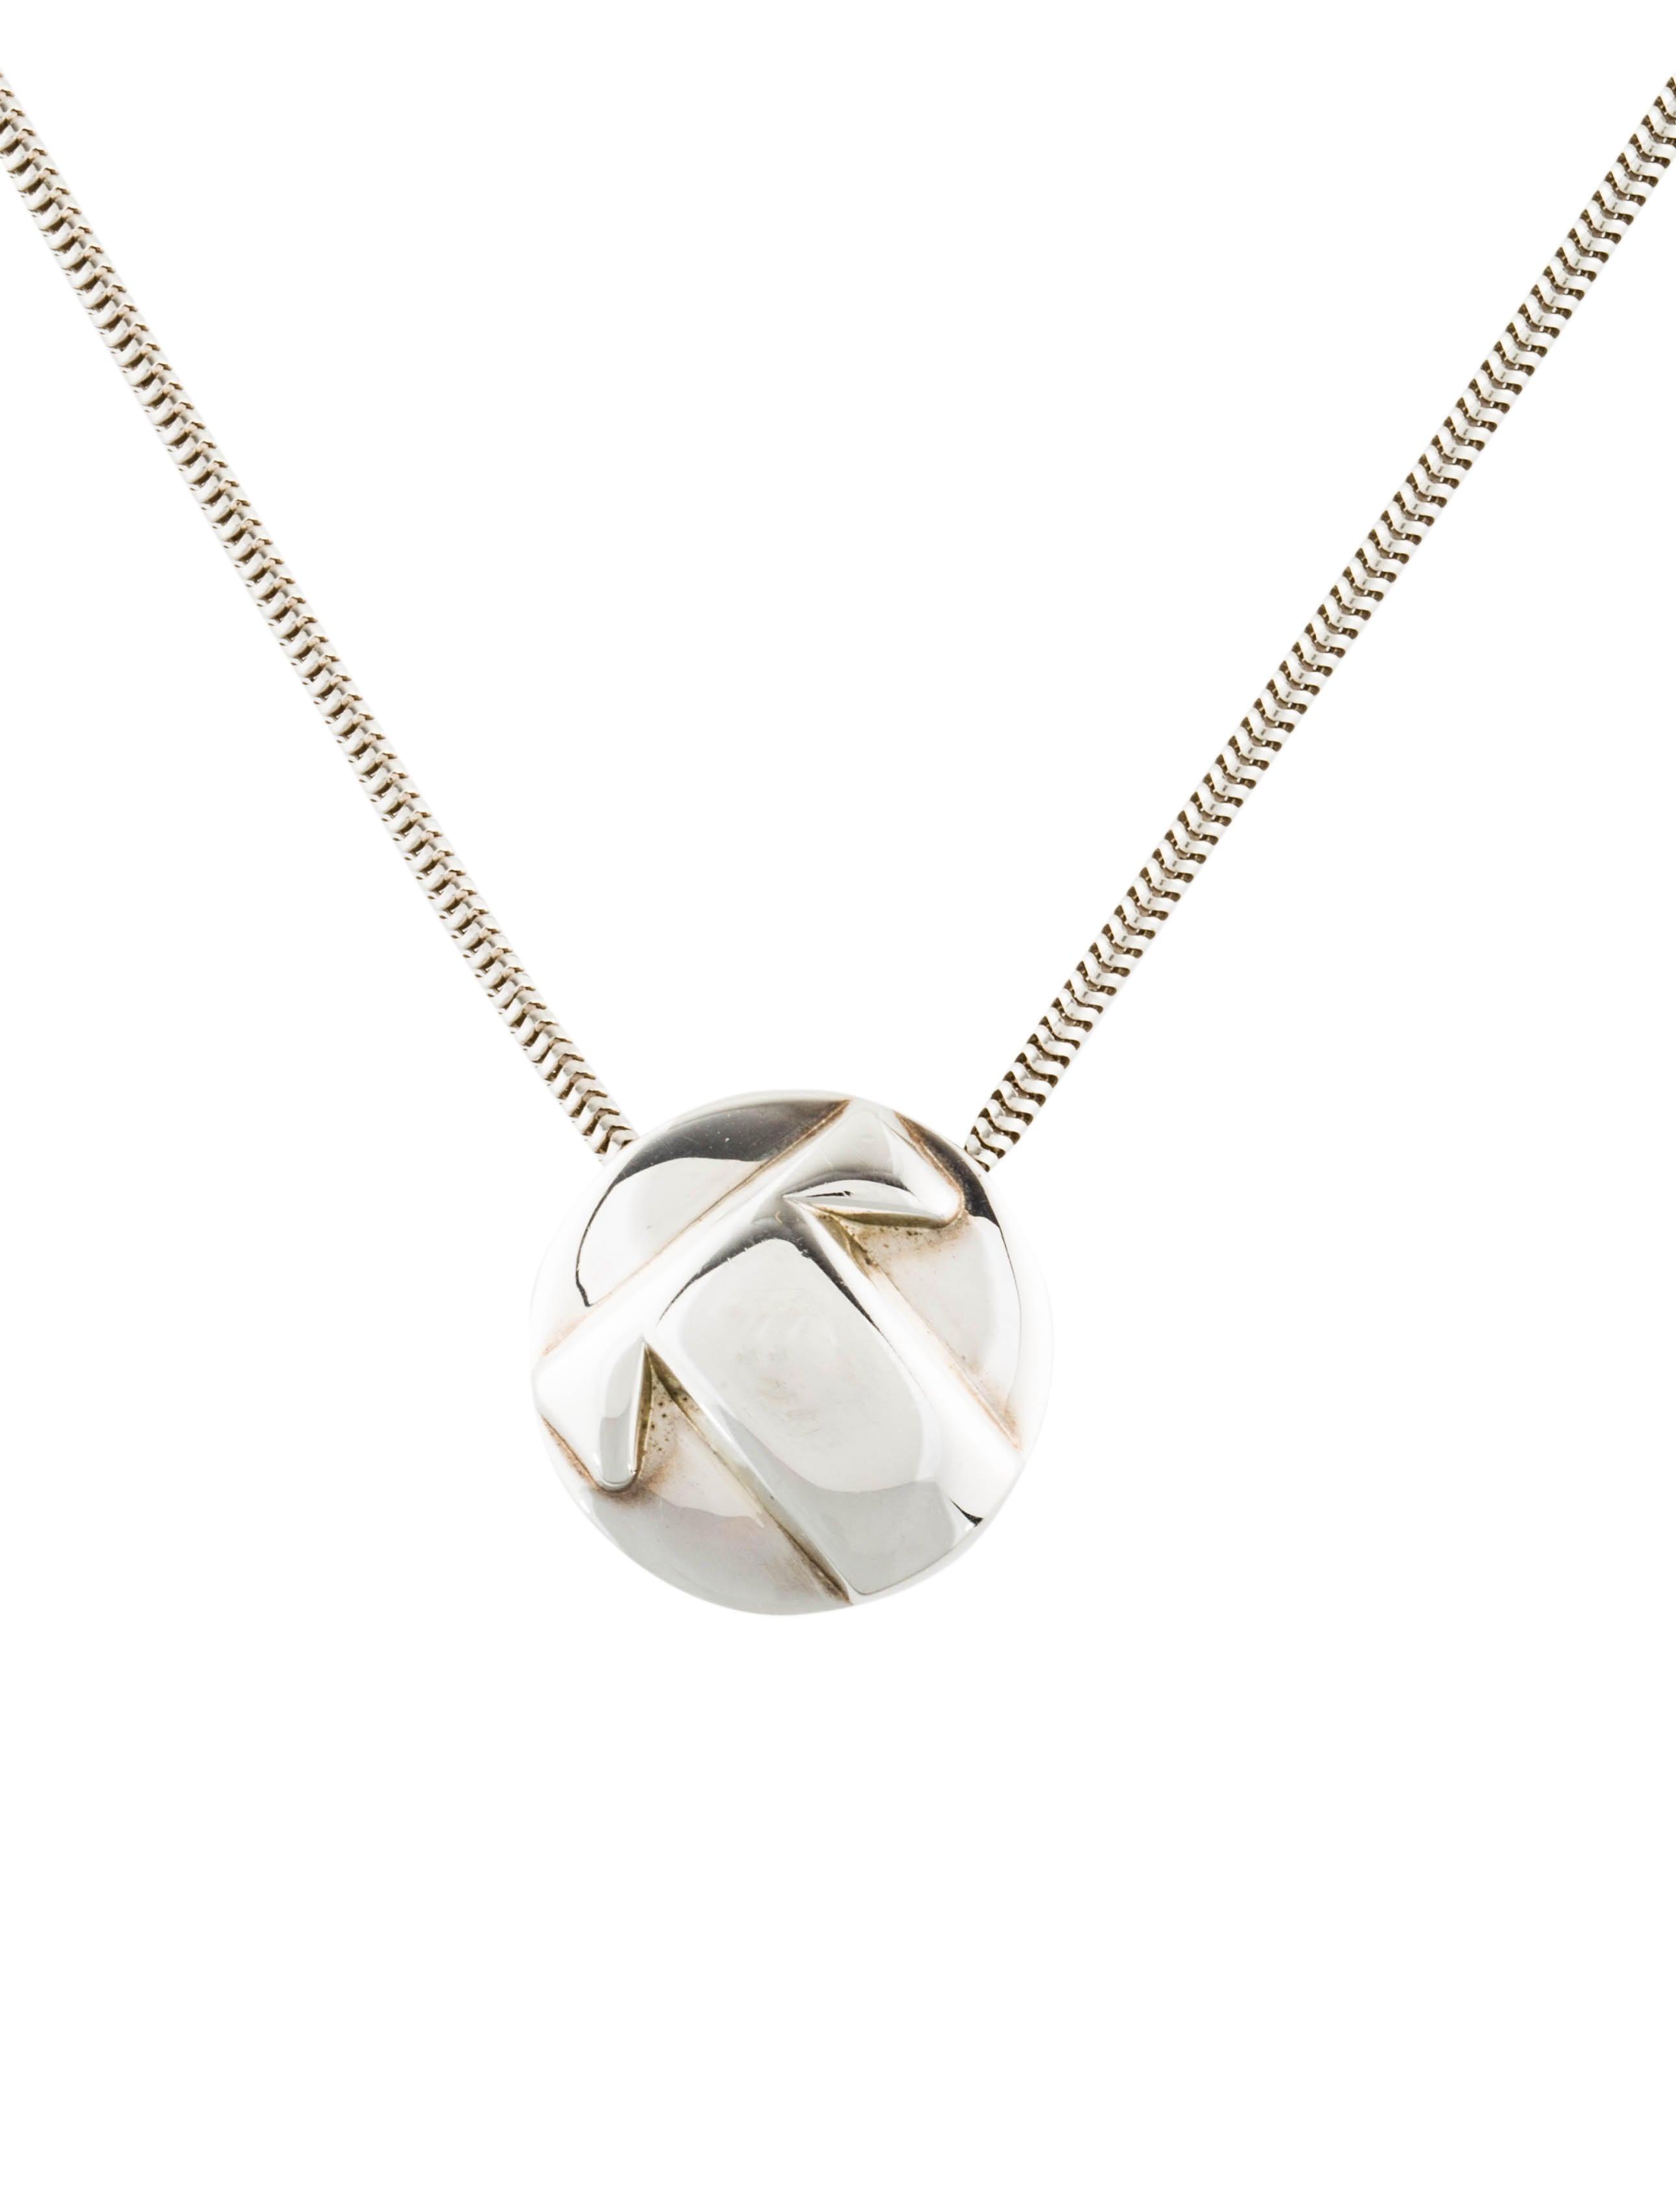 40d7e990d Tiffany Co Round Initial Pendant Necklace Necklaces Tif76483